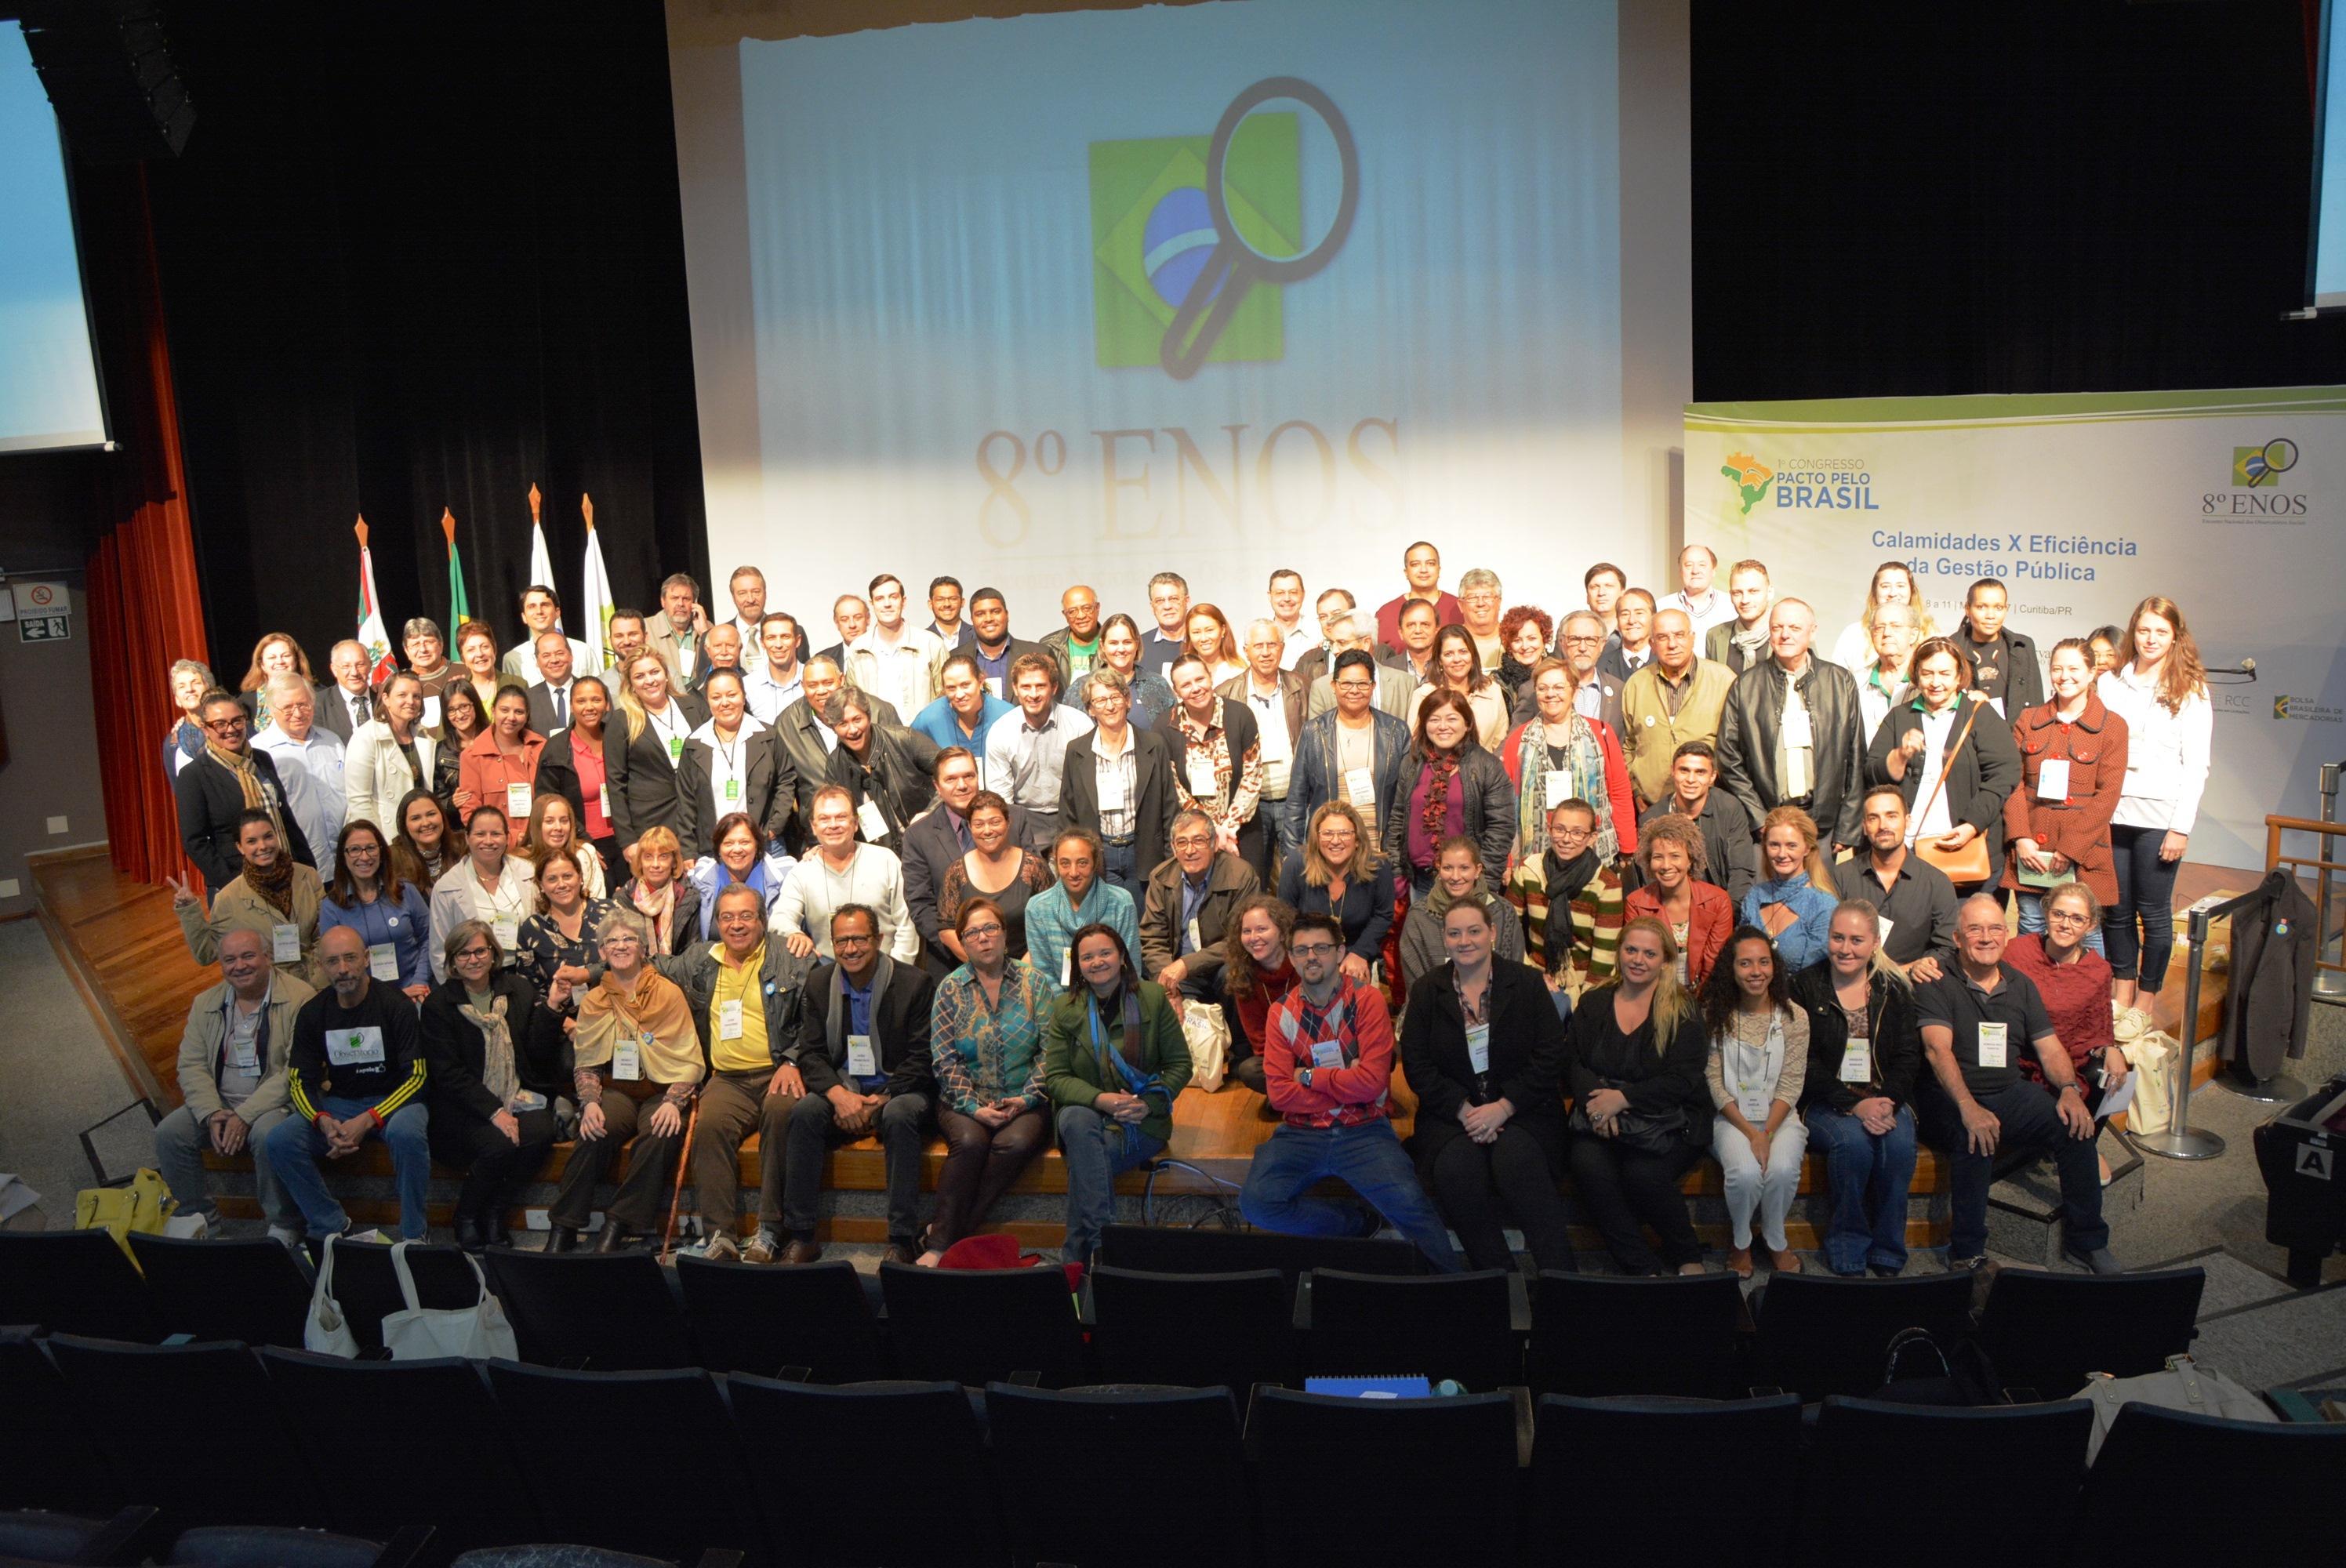 Termina em Curitiba o 1° Congresso Pacto pelo Brasil